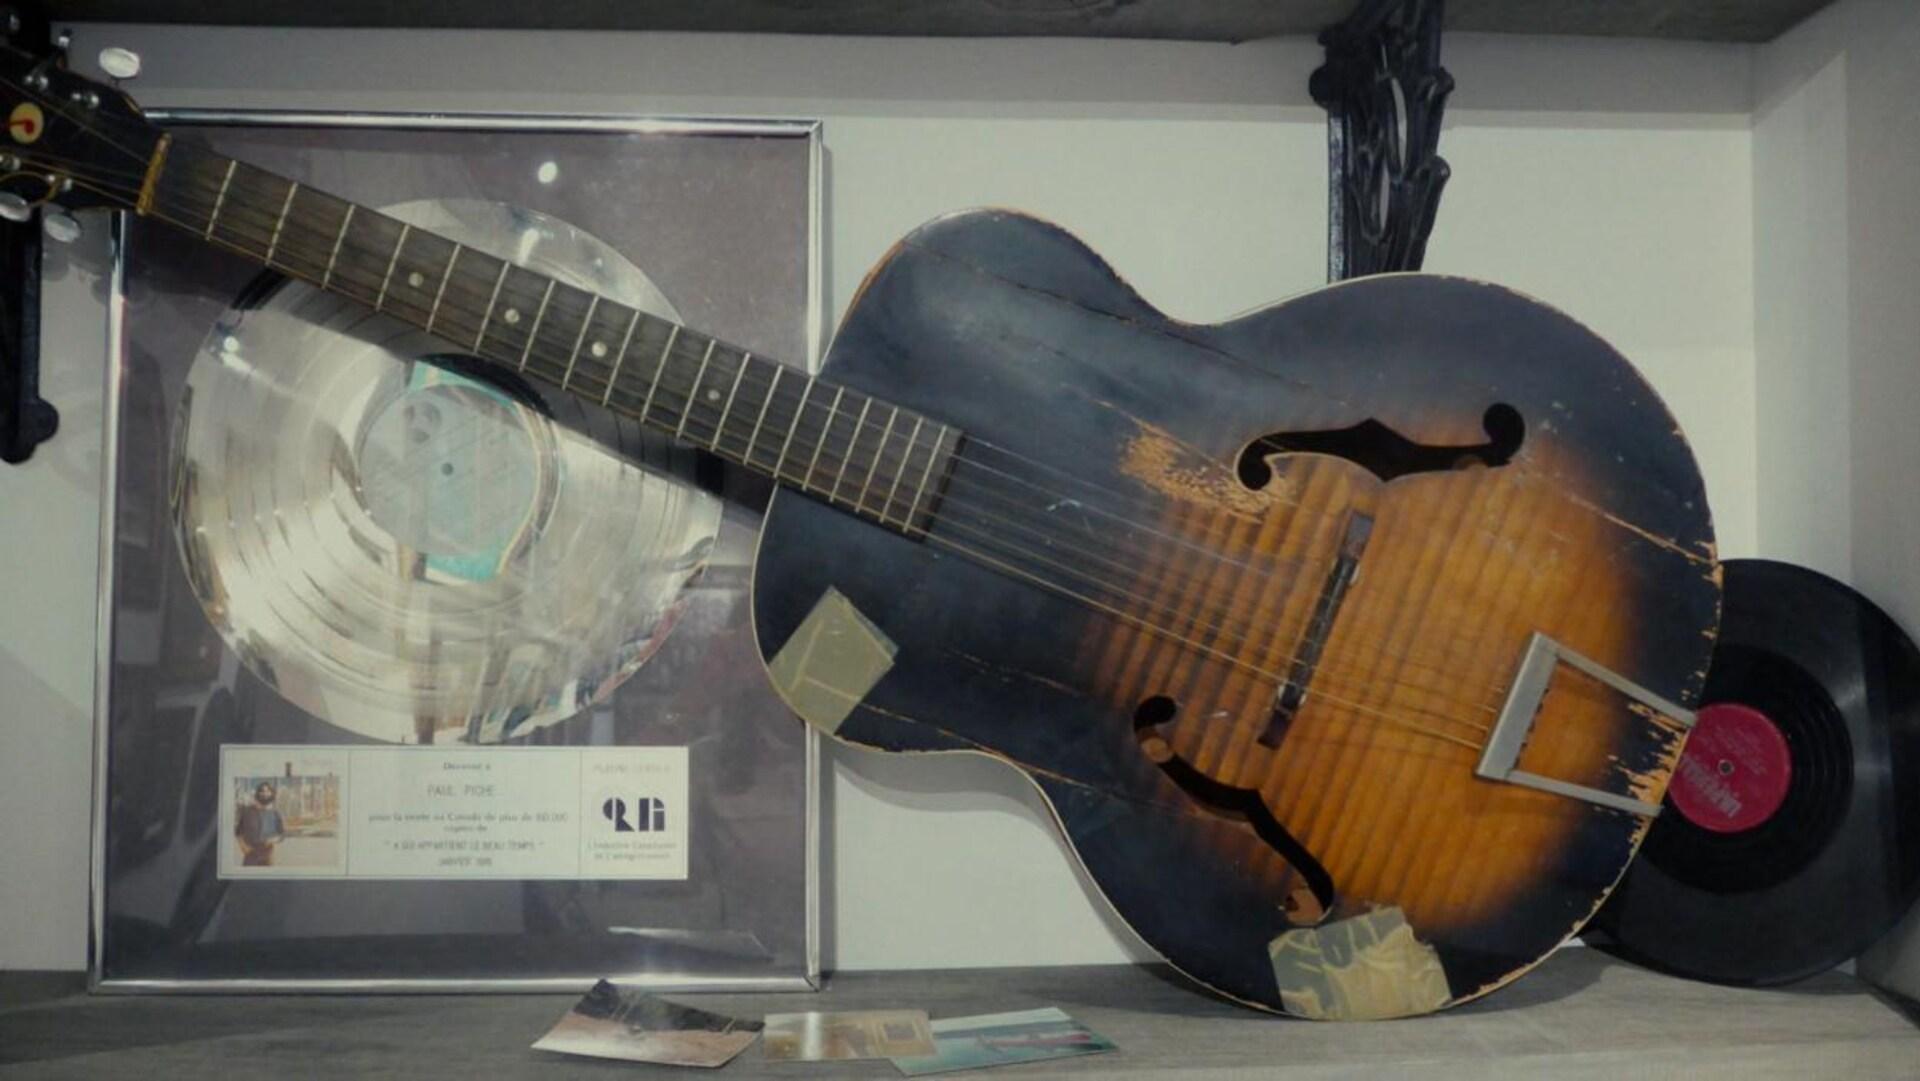 Une vieille guitare, réparée avec du papier adhésif, avec un disque hommage de Paul Piché.